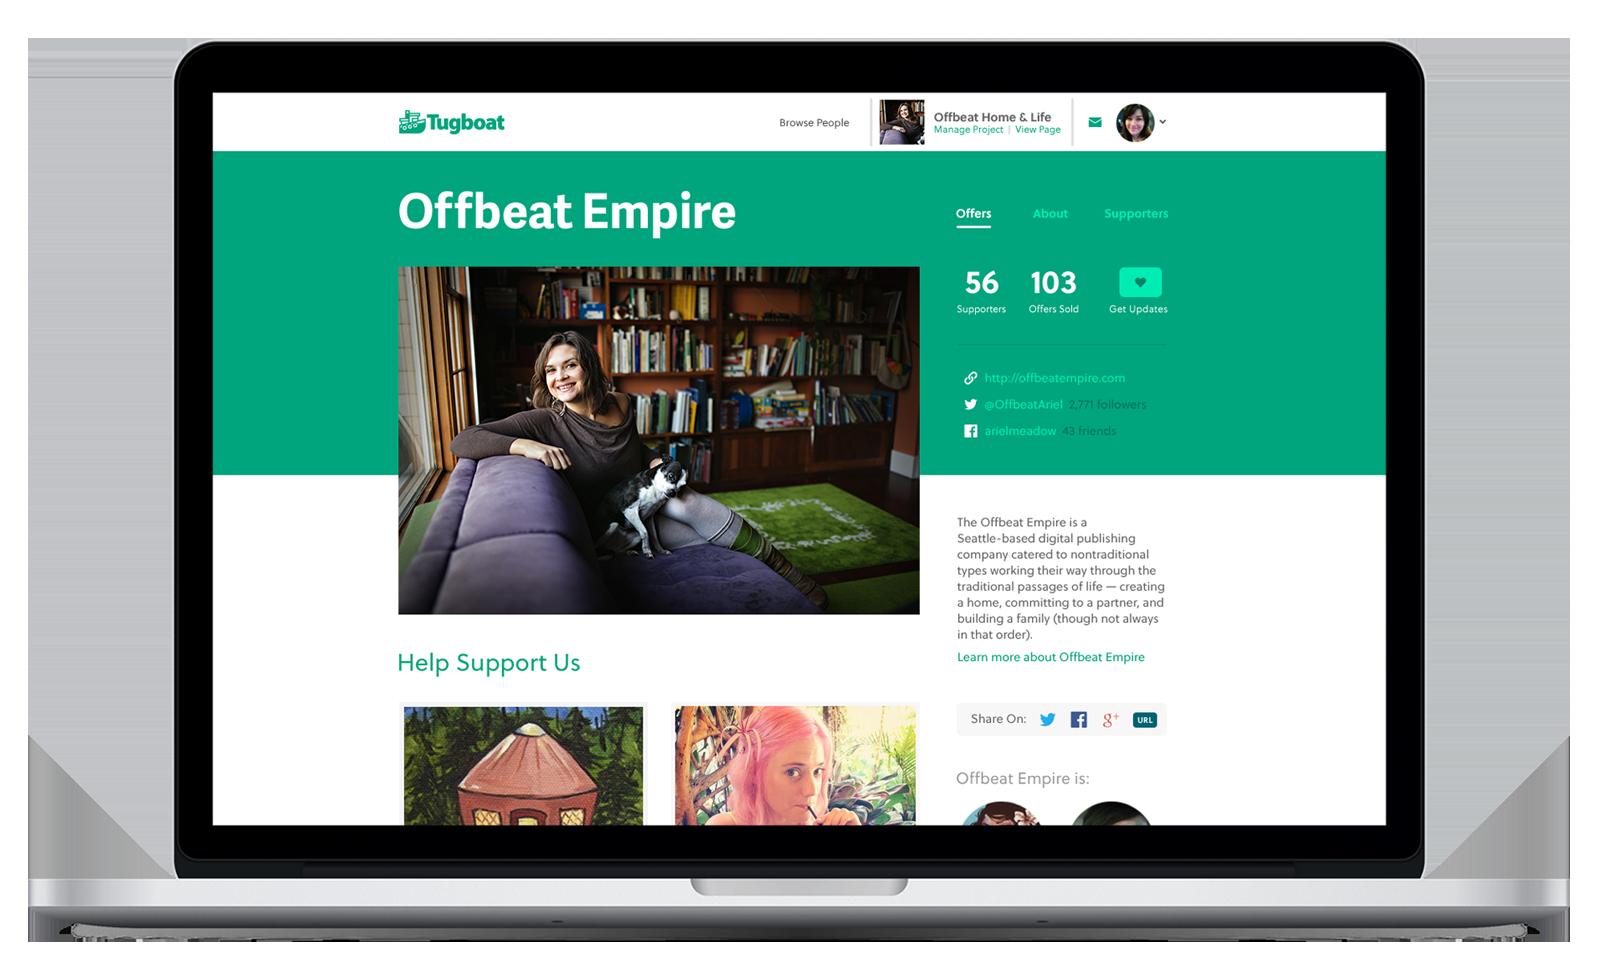 tugboat_publisher_offbeat